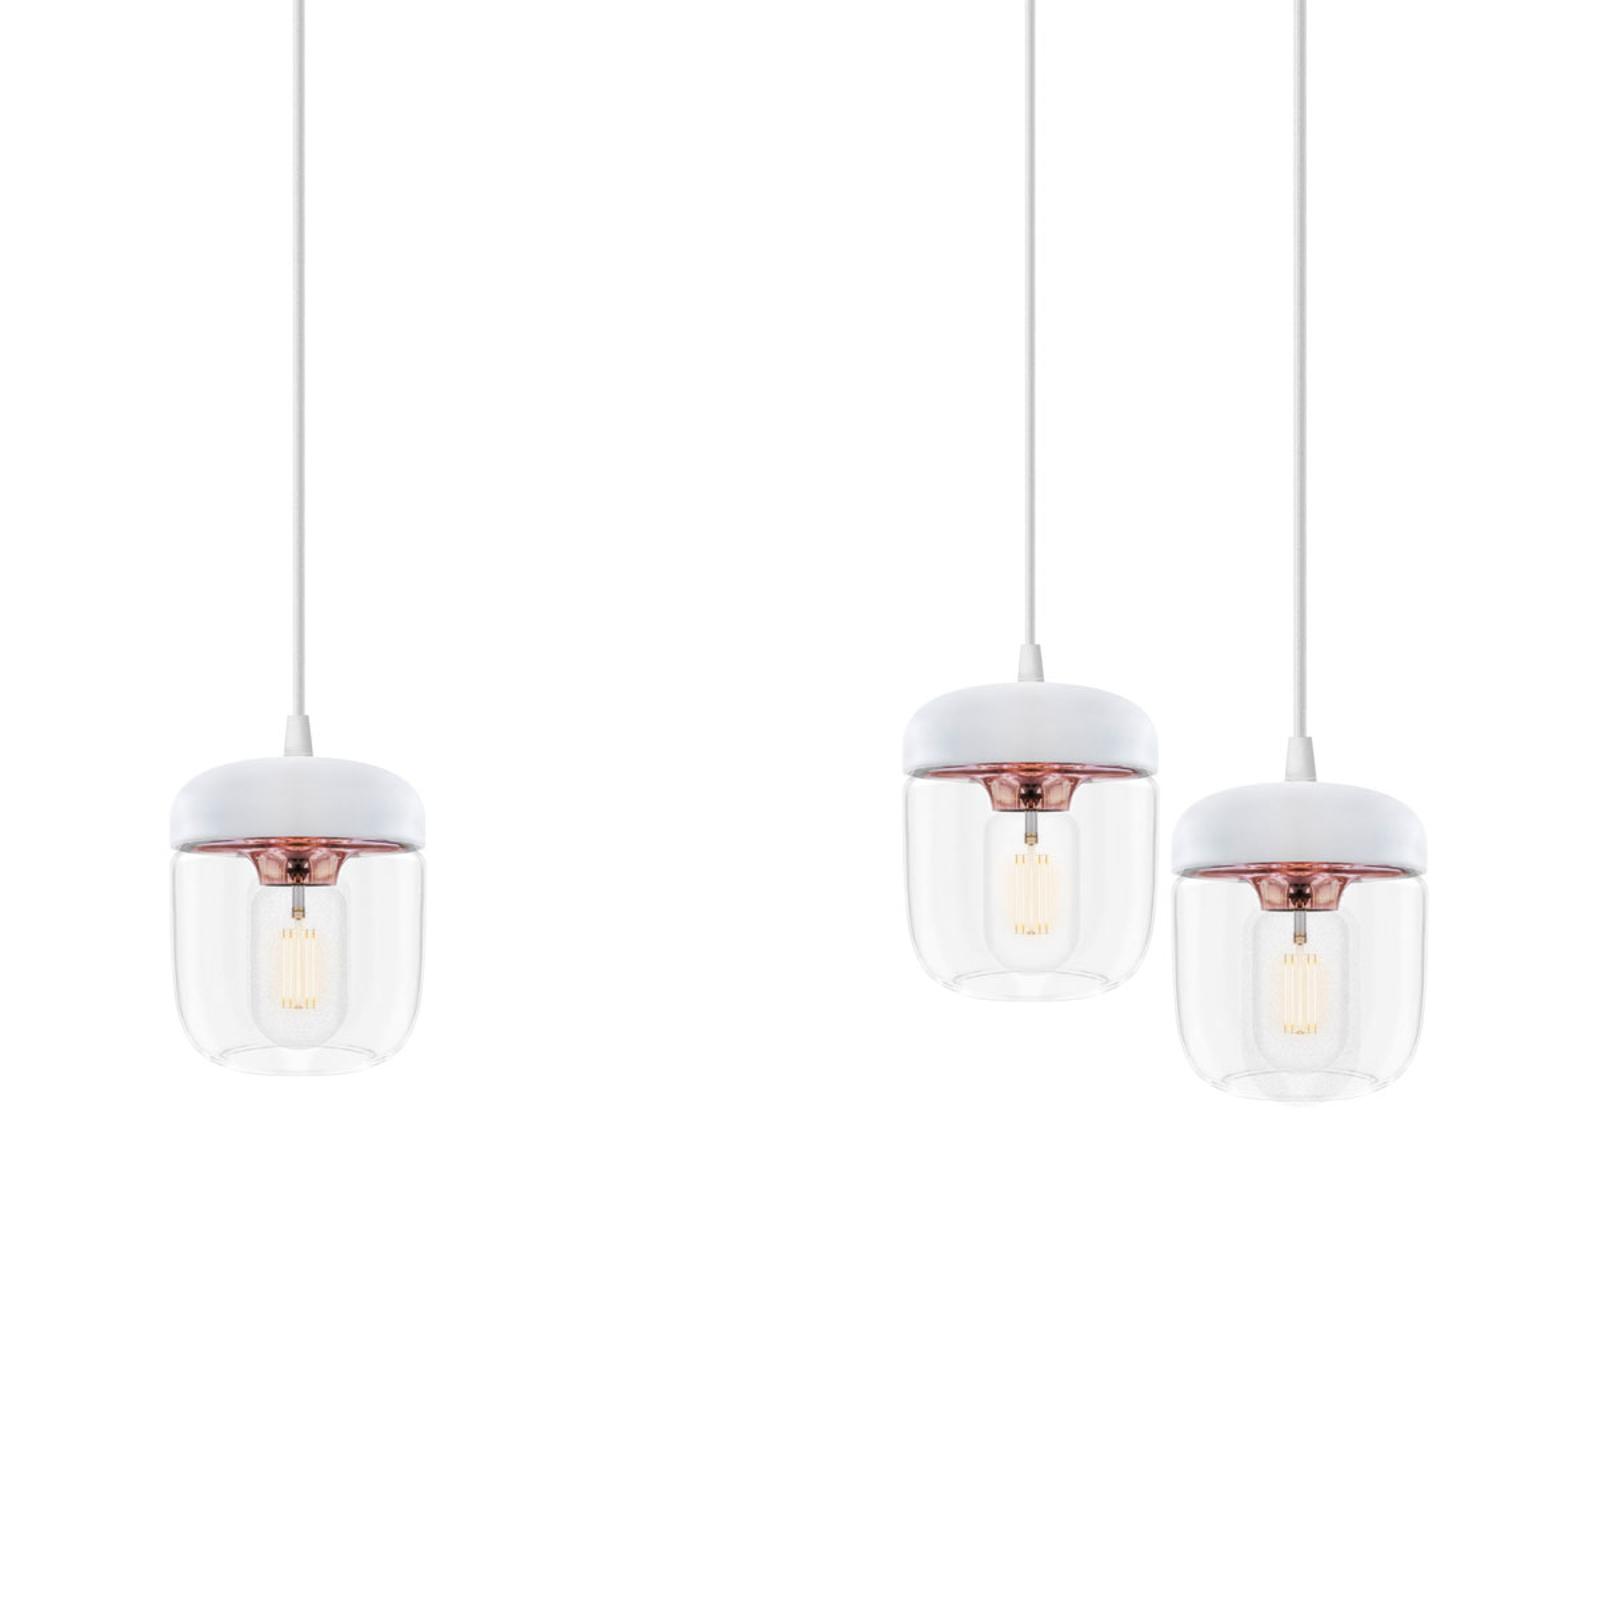 Suspension Acorn, à 3 lampes, blanc et cuivre